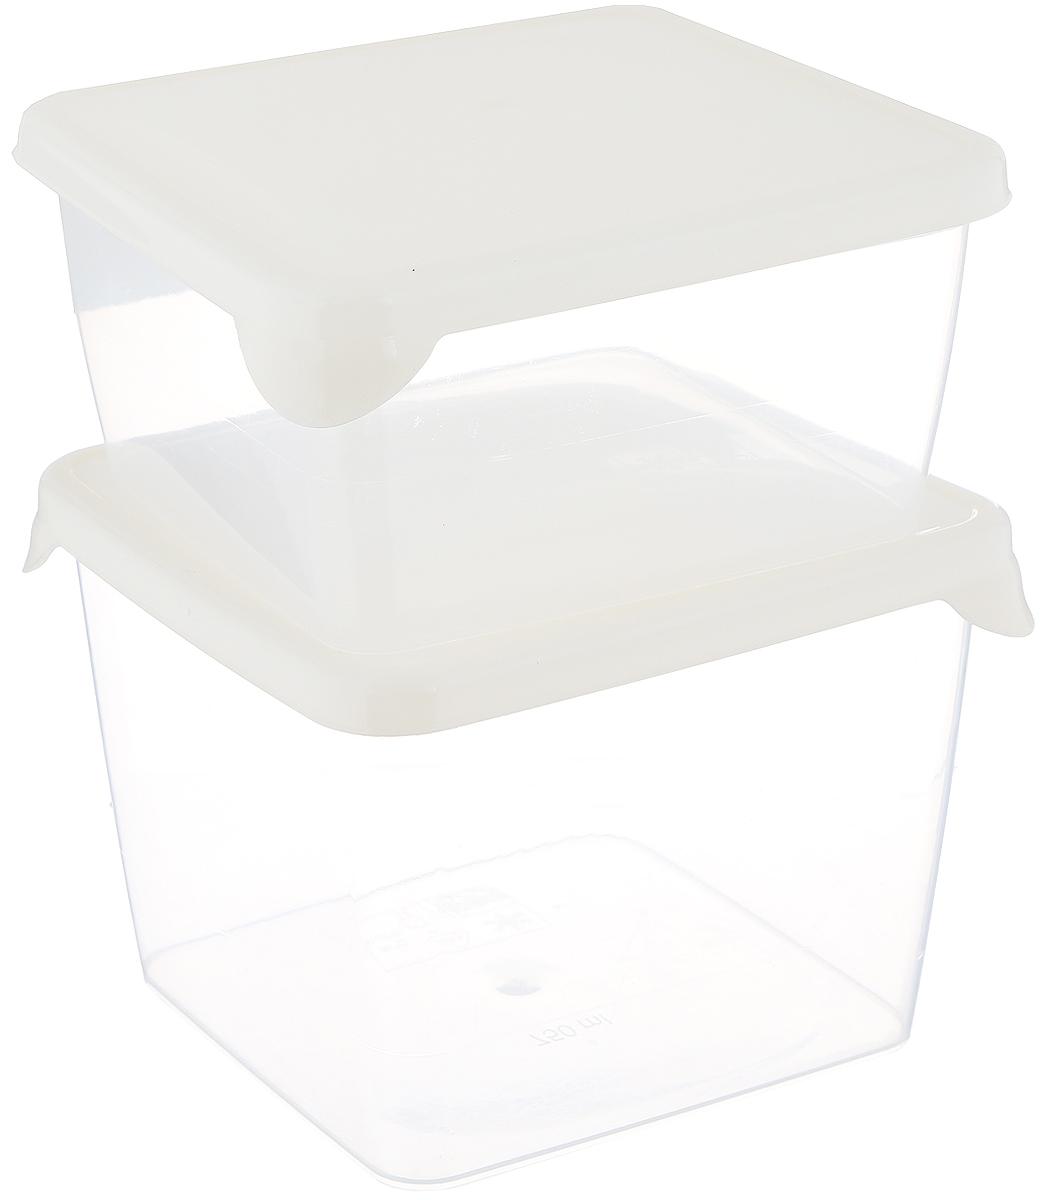 Комплект емкостей для продуктов Giaretti Браво, цвет: кремовый, прозрачный, 2 предметаGR1036_кремовыйКомплект емкостей для продуктов Giaretti Браво состоит из 2 контейнеров.Емкости изготовлены из пищевогополипропилена и оснащены крышками, которыеплотно закрываются, дольше сохраняя продукты свежими. Боковые стенкипрозрачные, чтопозволяет видеть содержимое.Емкости идеально подходят для храненияпищи, фруктов,ягод, овощей.Такой комплект пригодится в любом хозяйстве.